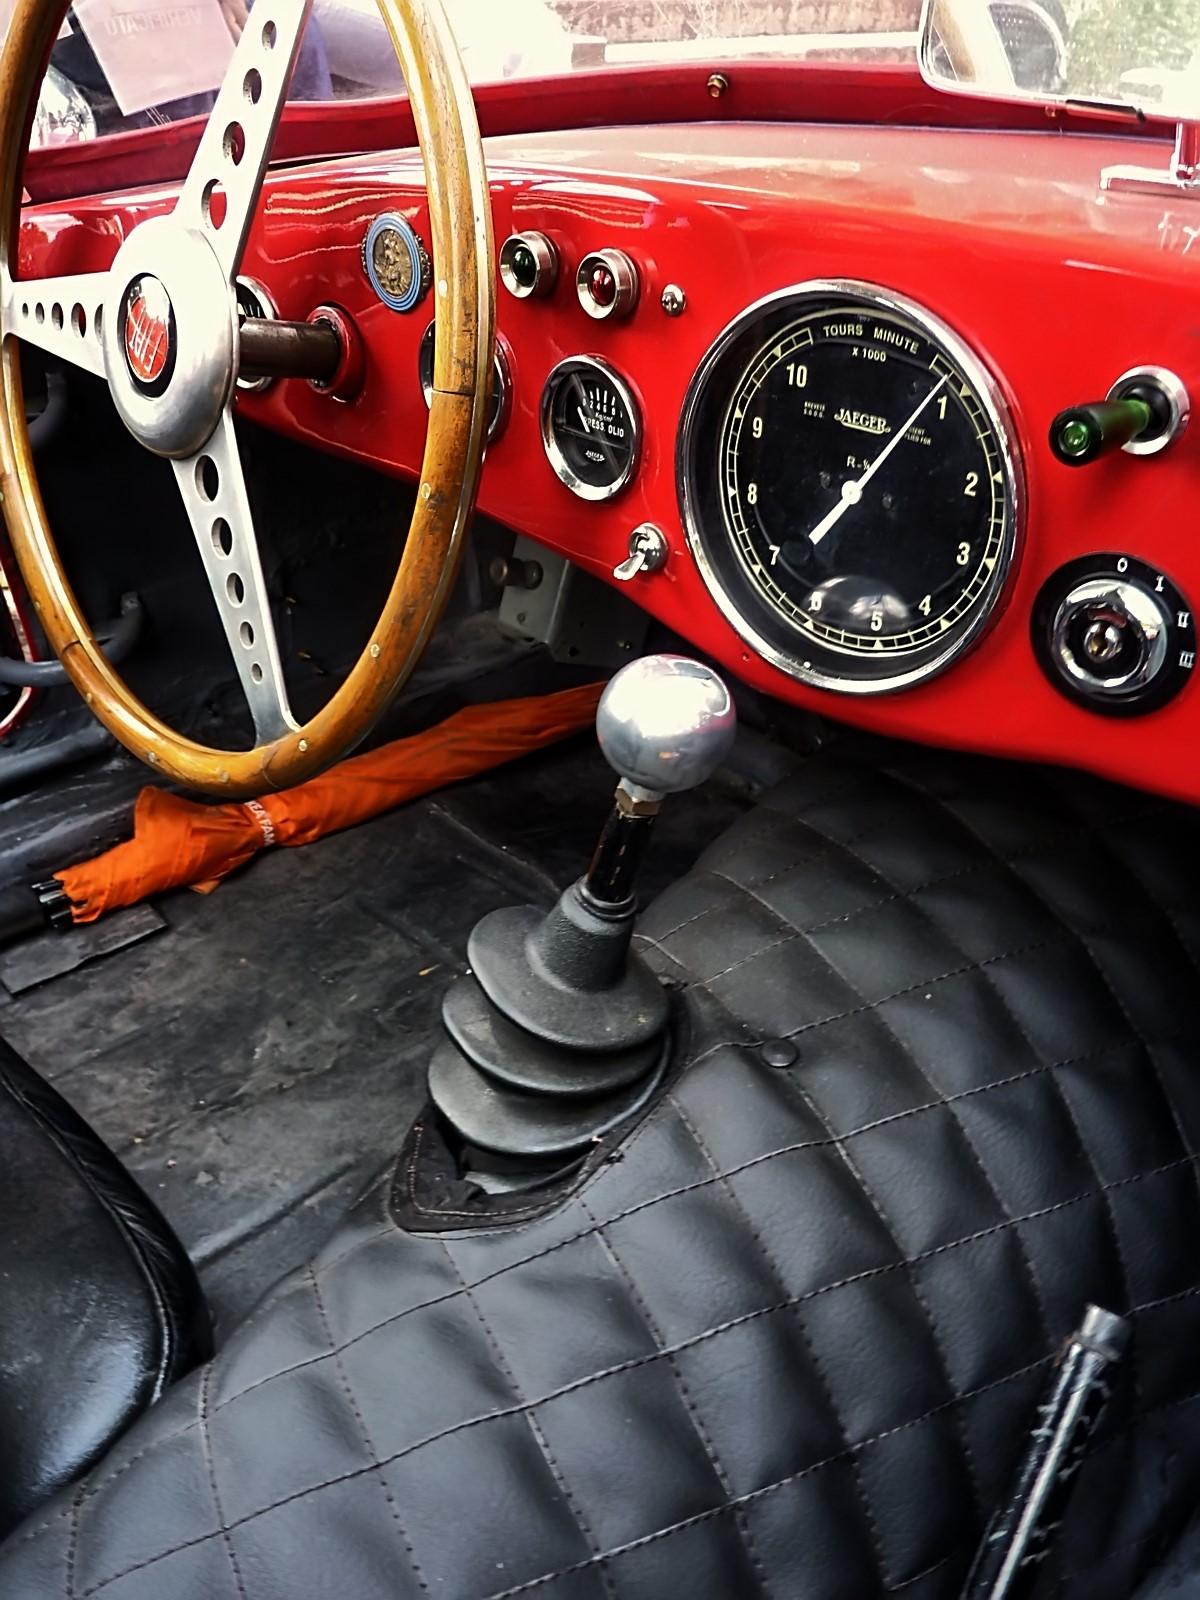 1954 Fiat 1100 Sport Barchetta Patriarca Pininfarina (16)